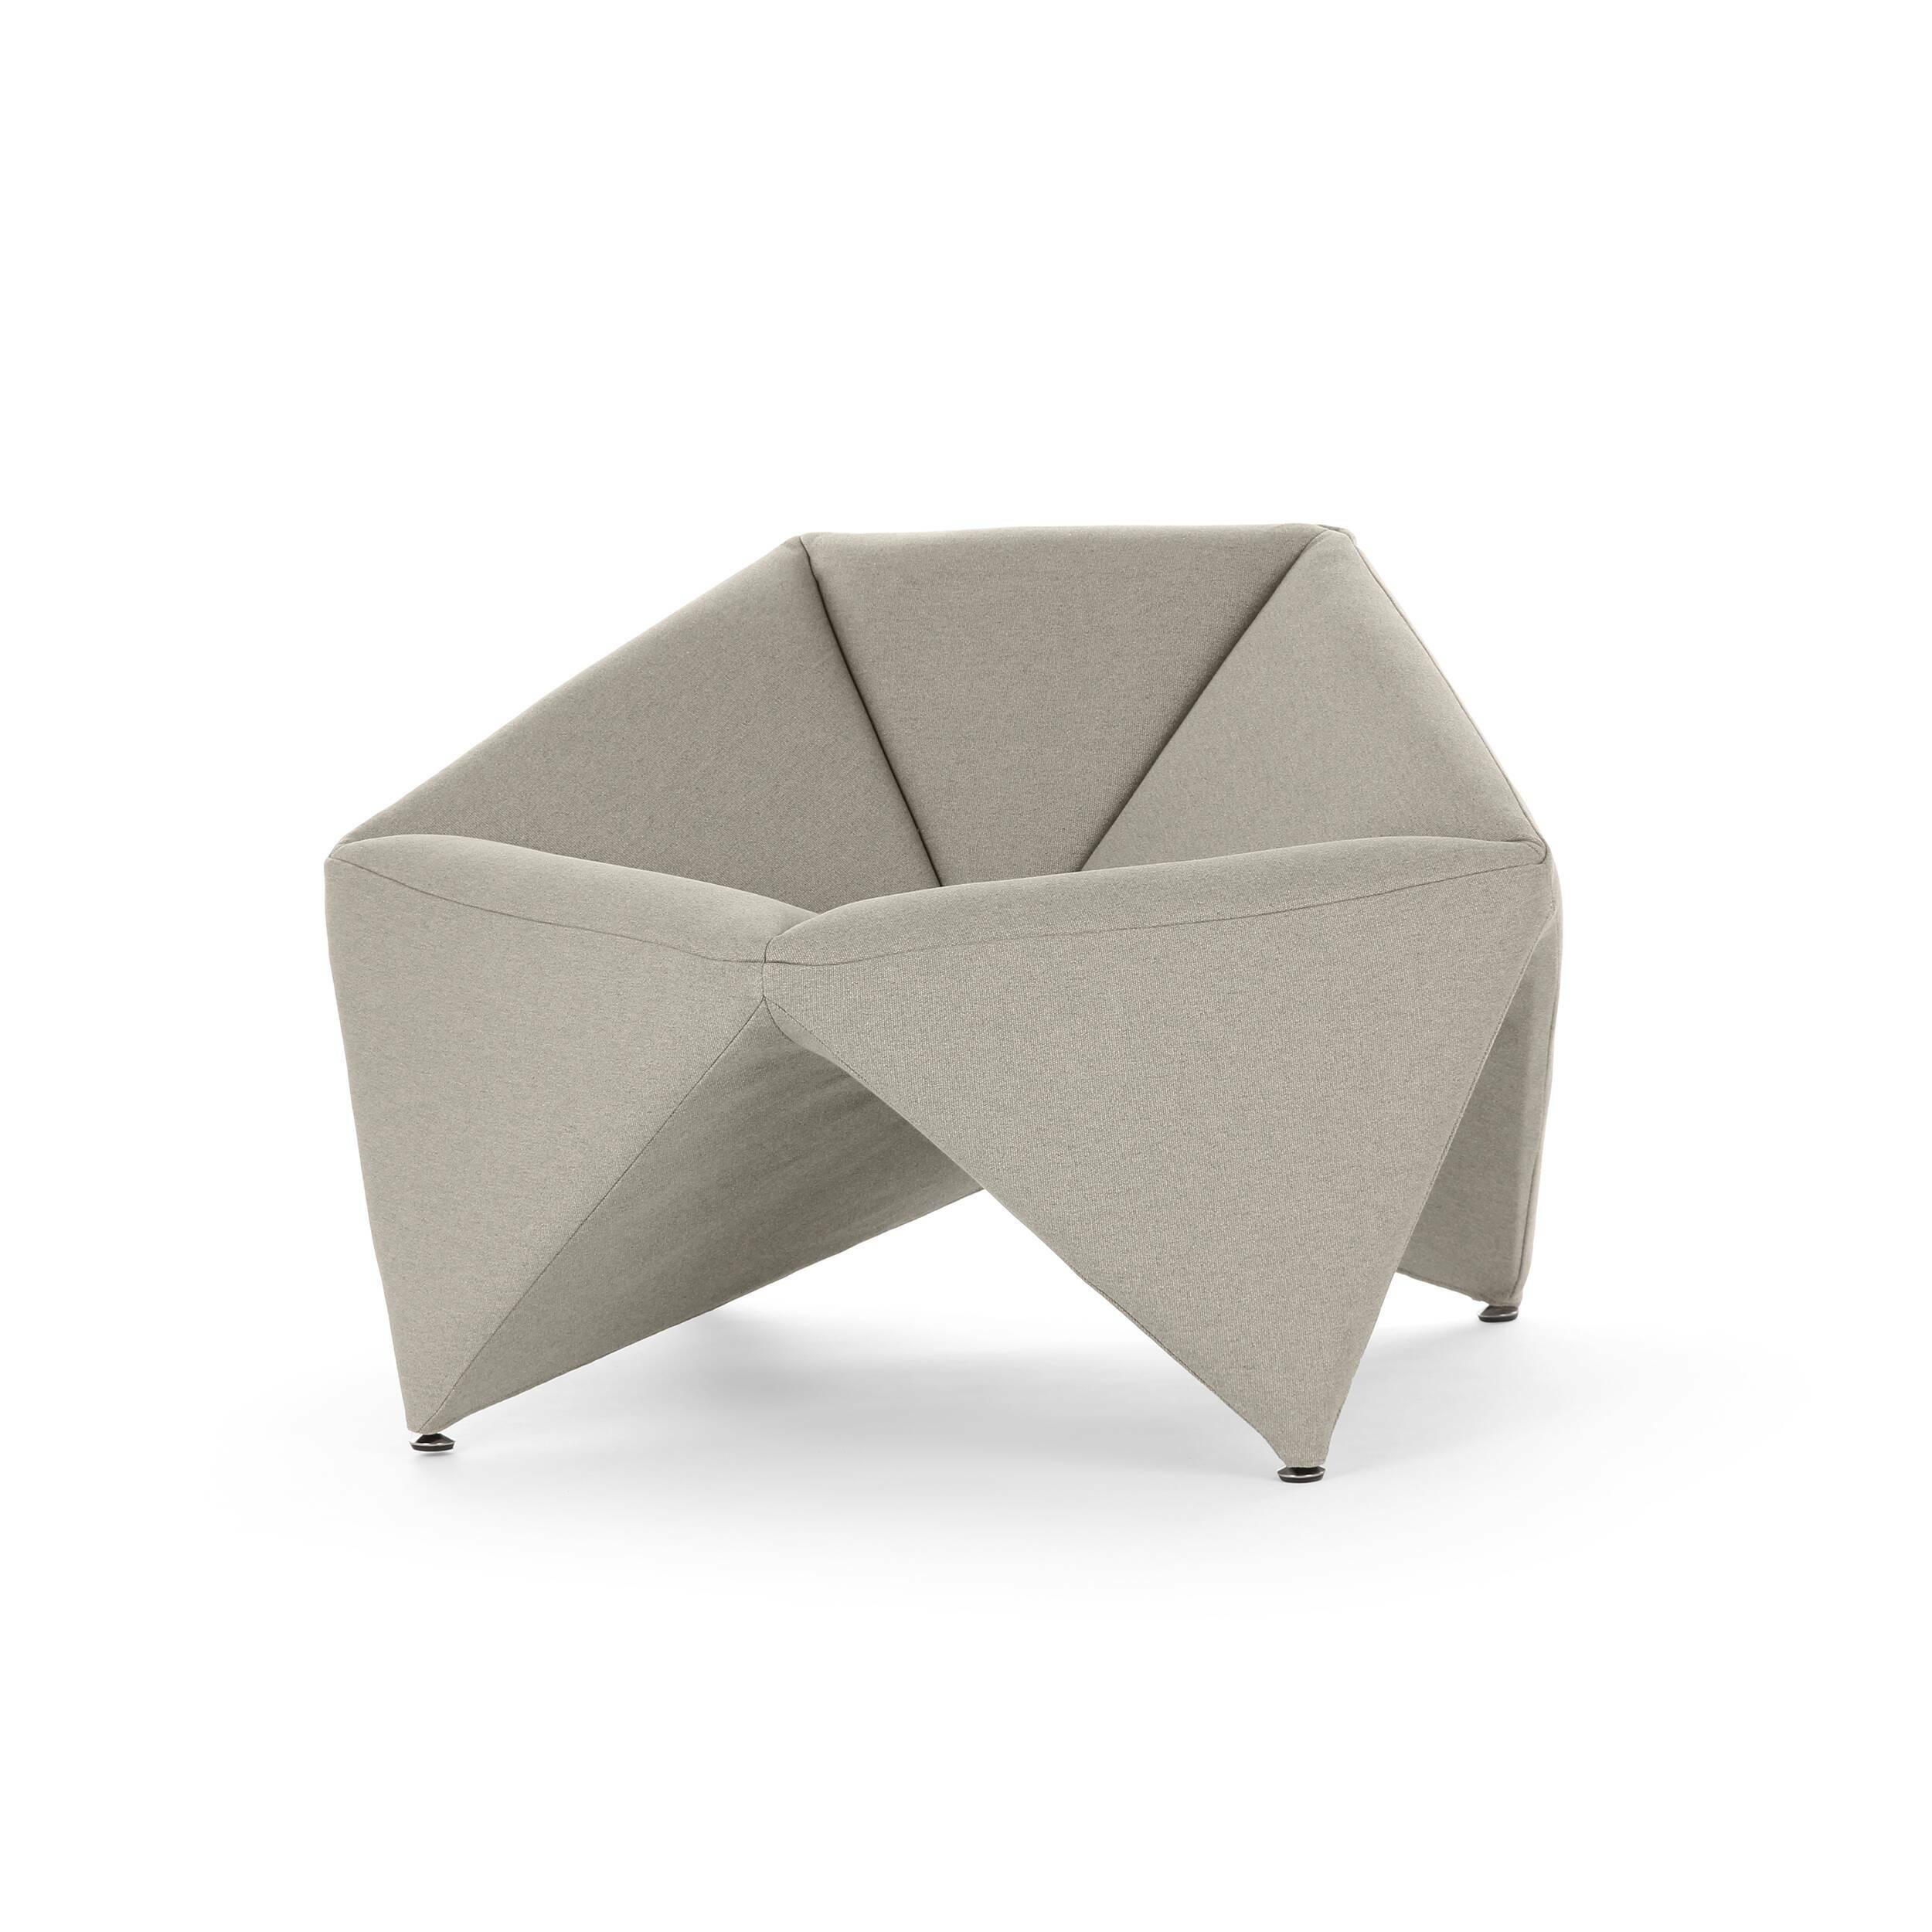 Кресло FoldИнтерьерные<br>Эксклюзивность изделий мебельной компании Softline состоит в потрясающей функциональности и максимальном удобстве использования каждого предмета. Оригинальное кресло Fold (Фолд) от дизайнеров этого бренда выполнено именно в таком инновационном стиле – лаконичность, уникальная комфортная форма и неповторимый дизайн делают эту модель прекрасным вариантом для наиболее современных и удобных интерьеров.<br><br><br> Это изделие наилучшим образом подходит для создания домашнего интерьера. Ткань для оби...<br><br>stock: 2<br>Высота: 67<br>Высота сиденья: 42/45<br>Ширина: 106<br>Глубина: 75<br>Материал обивки: Хлопок, Полиэстер<br>Коллекция ткани: Vision<br>Тип материала обивки: Ткань<br>Цвет обивки: Серо-бежевый